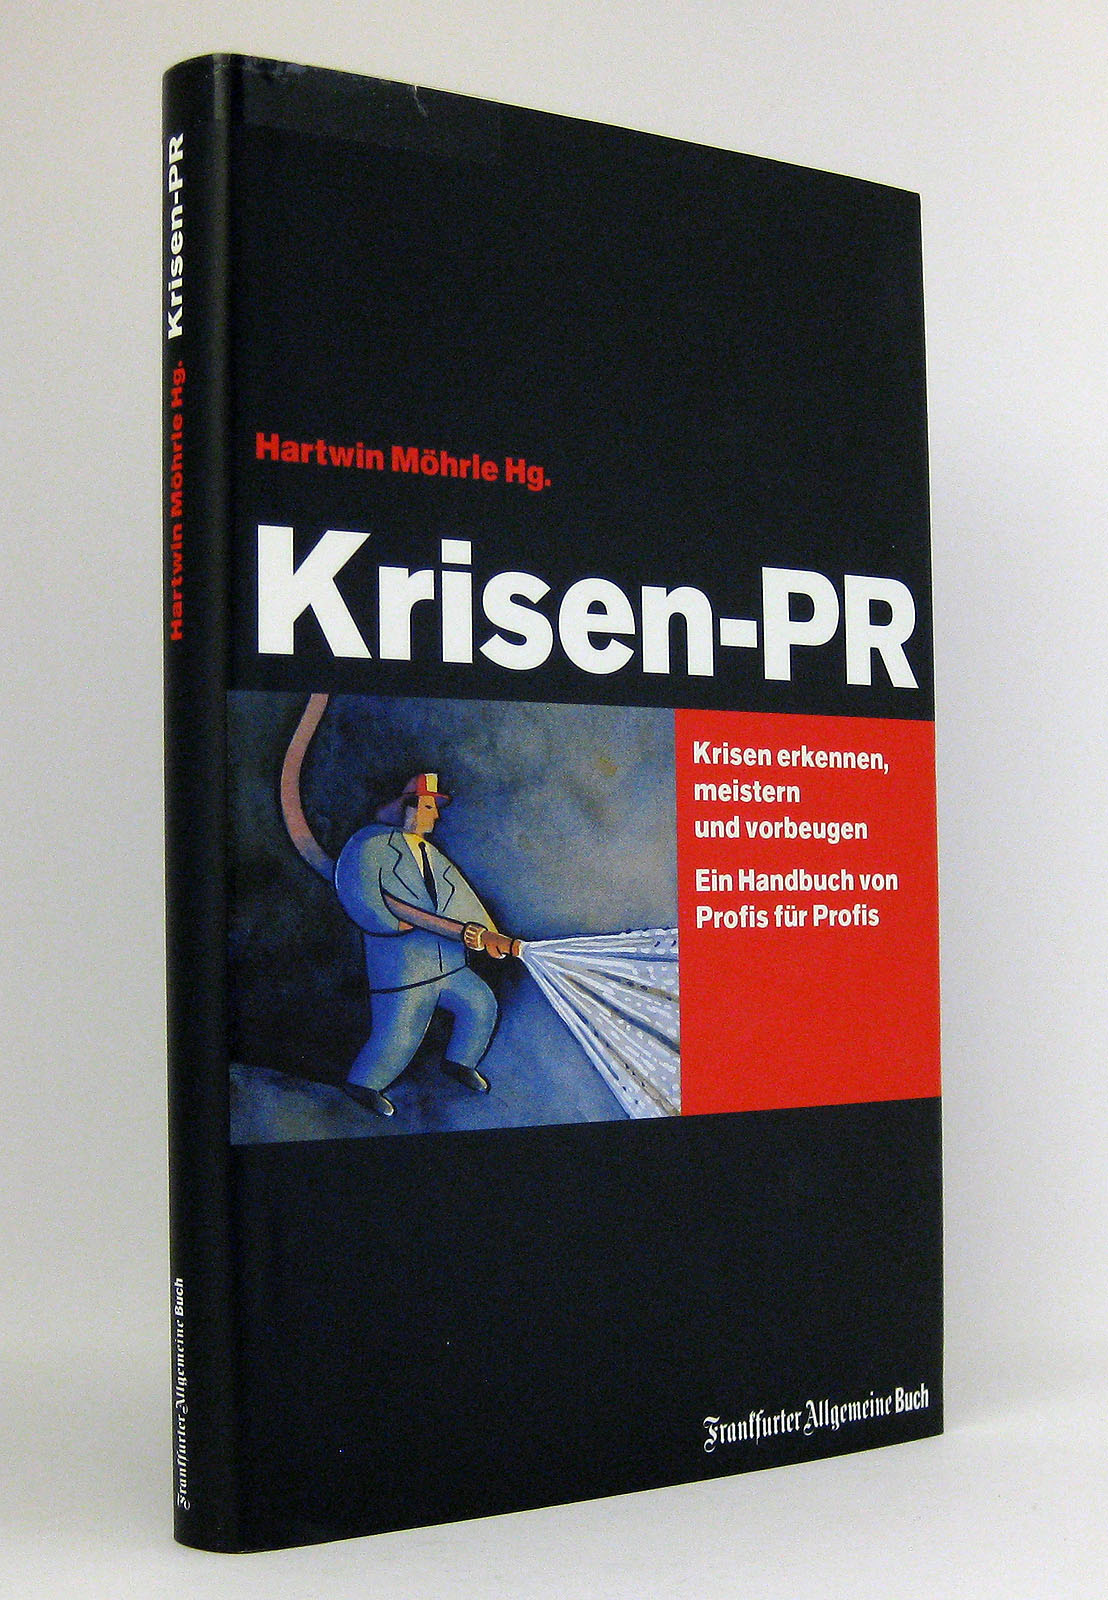 Krisen-PR : Krisen erkennen, meistern und vorbeugen - ein Handbuch von Profis für Profis - Möhrle, Hartwin [Hg.]